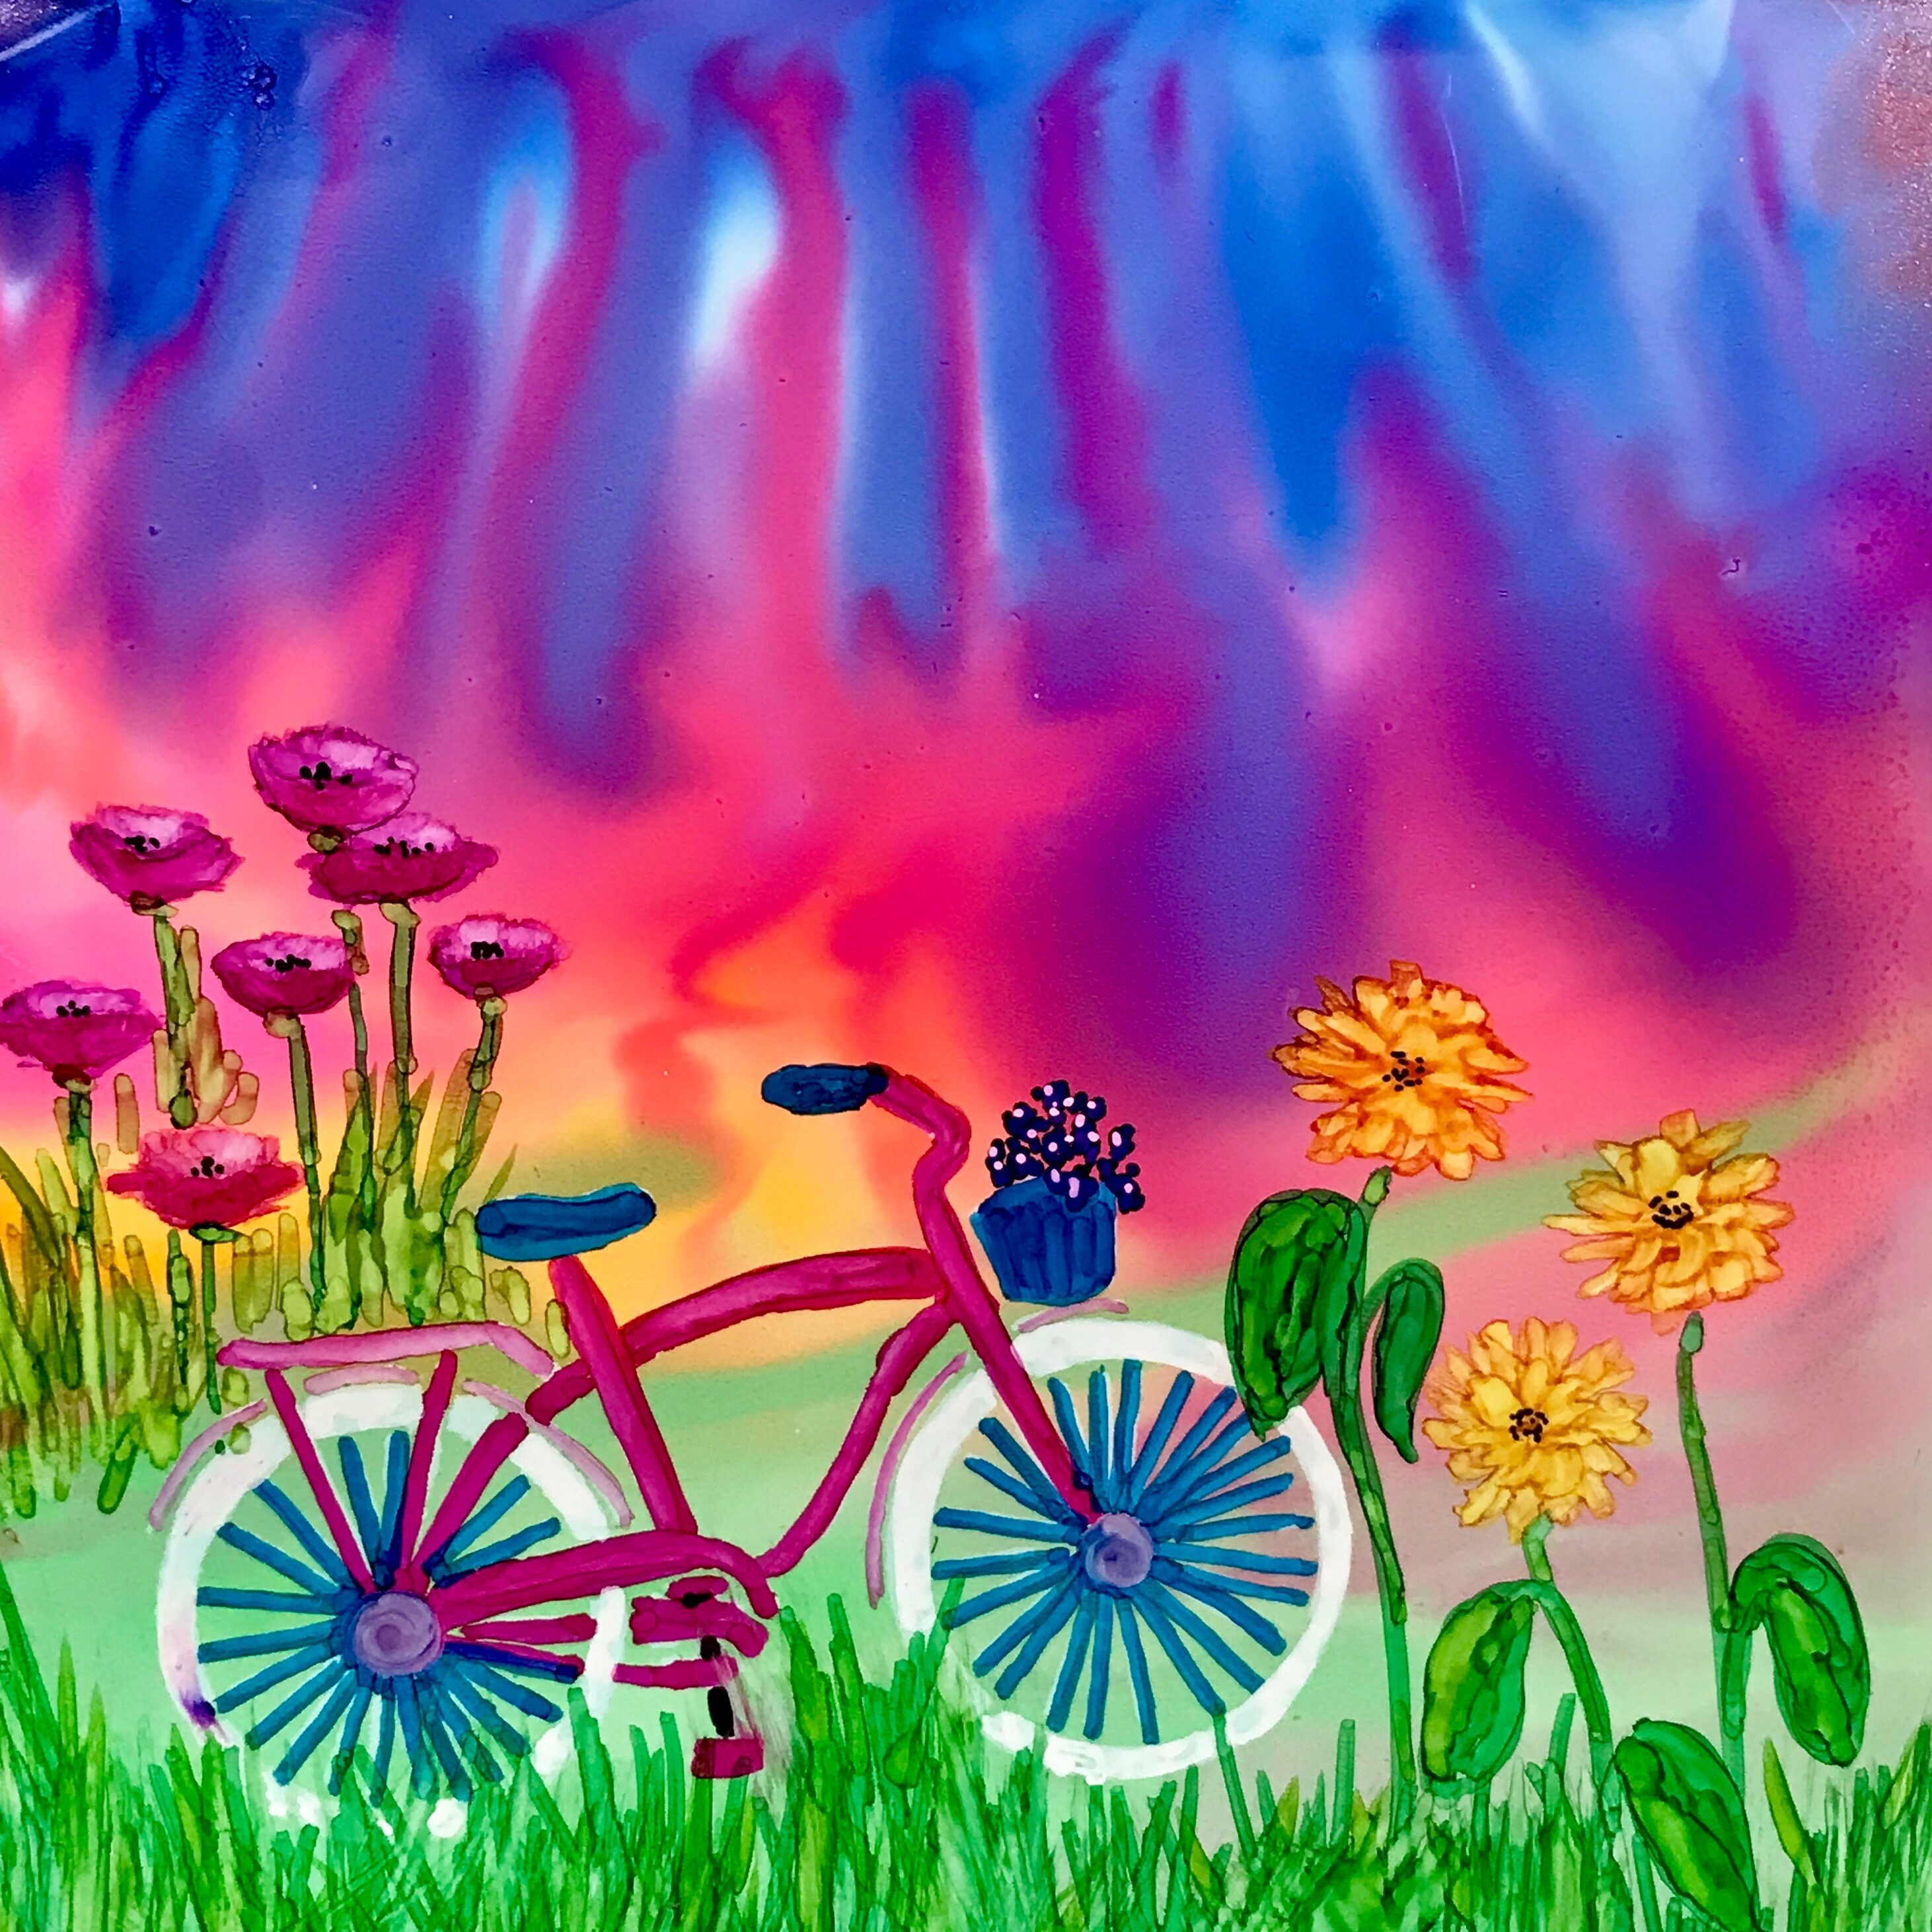 Summer Ride